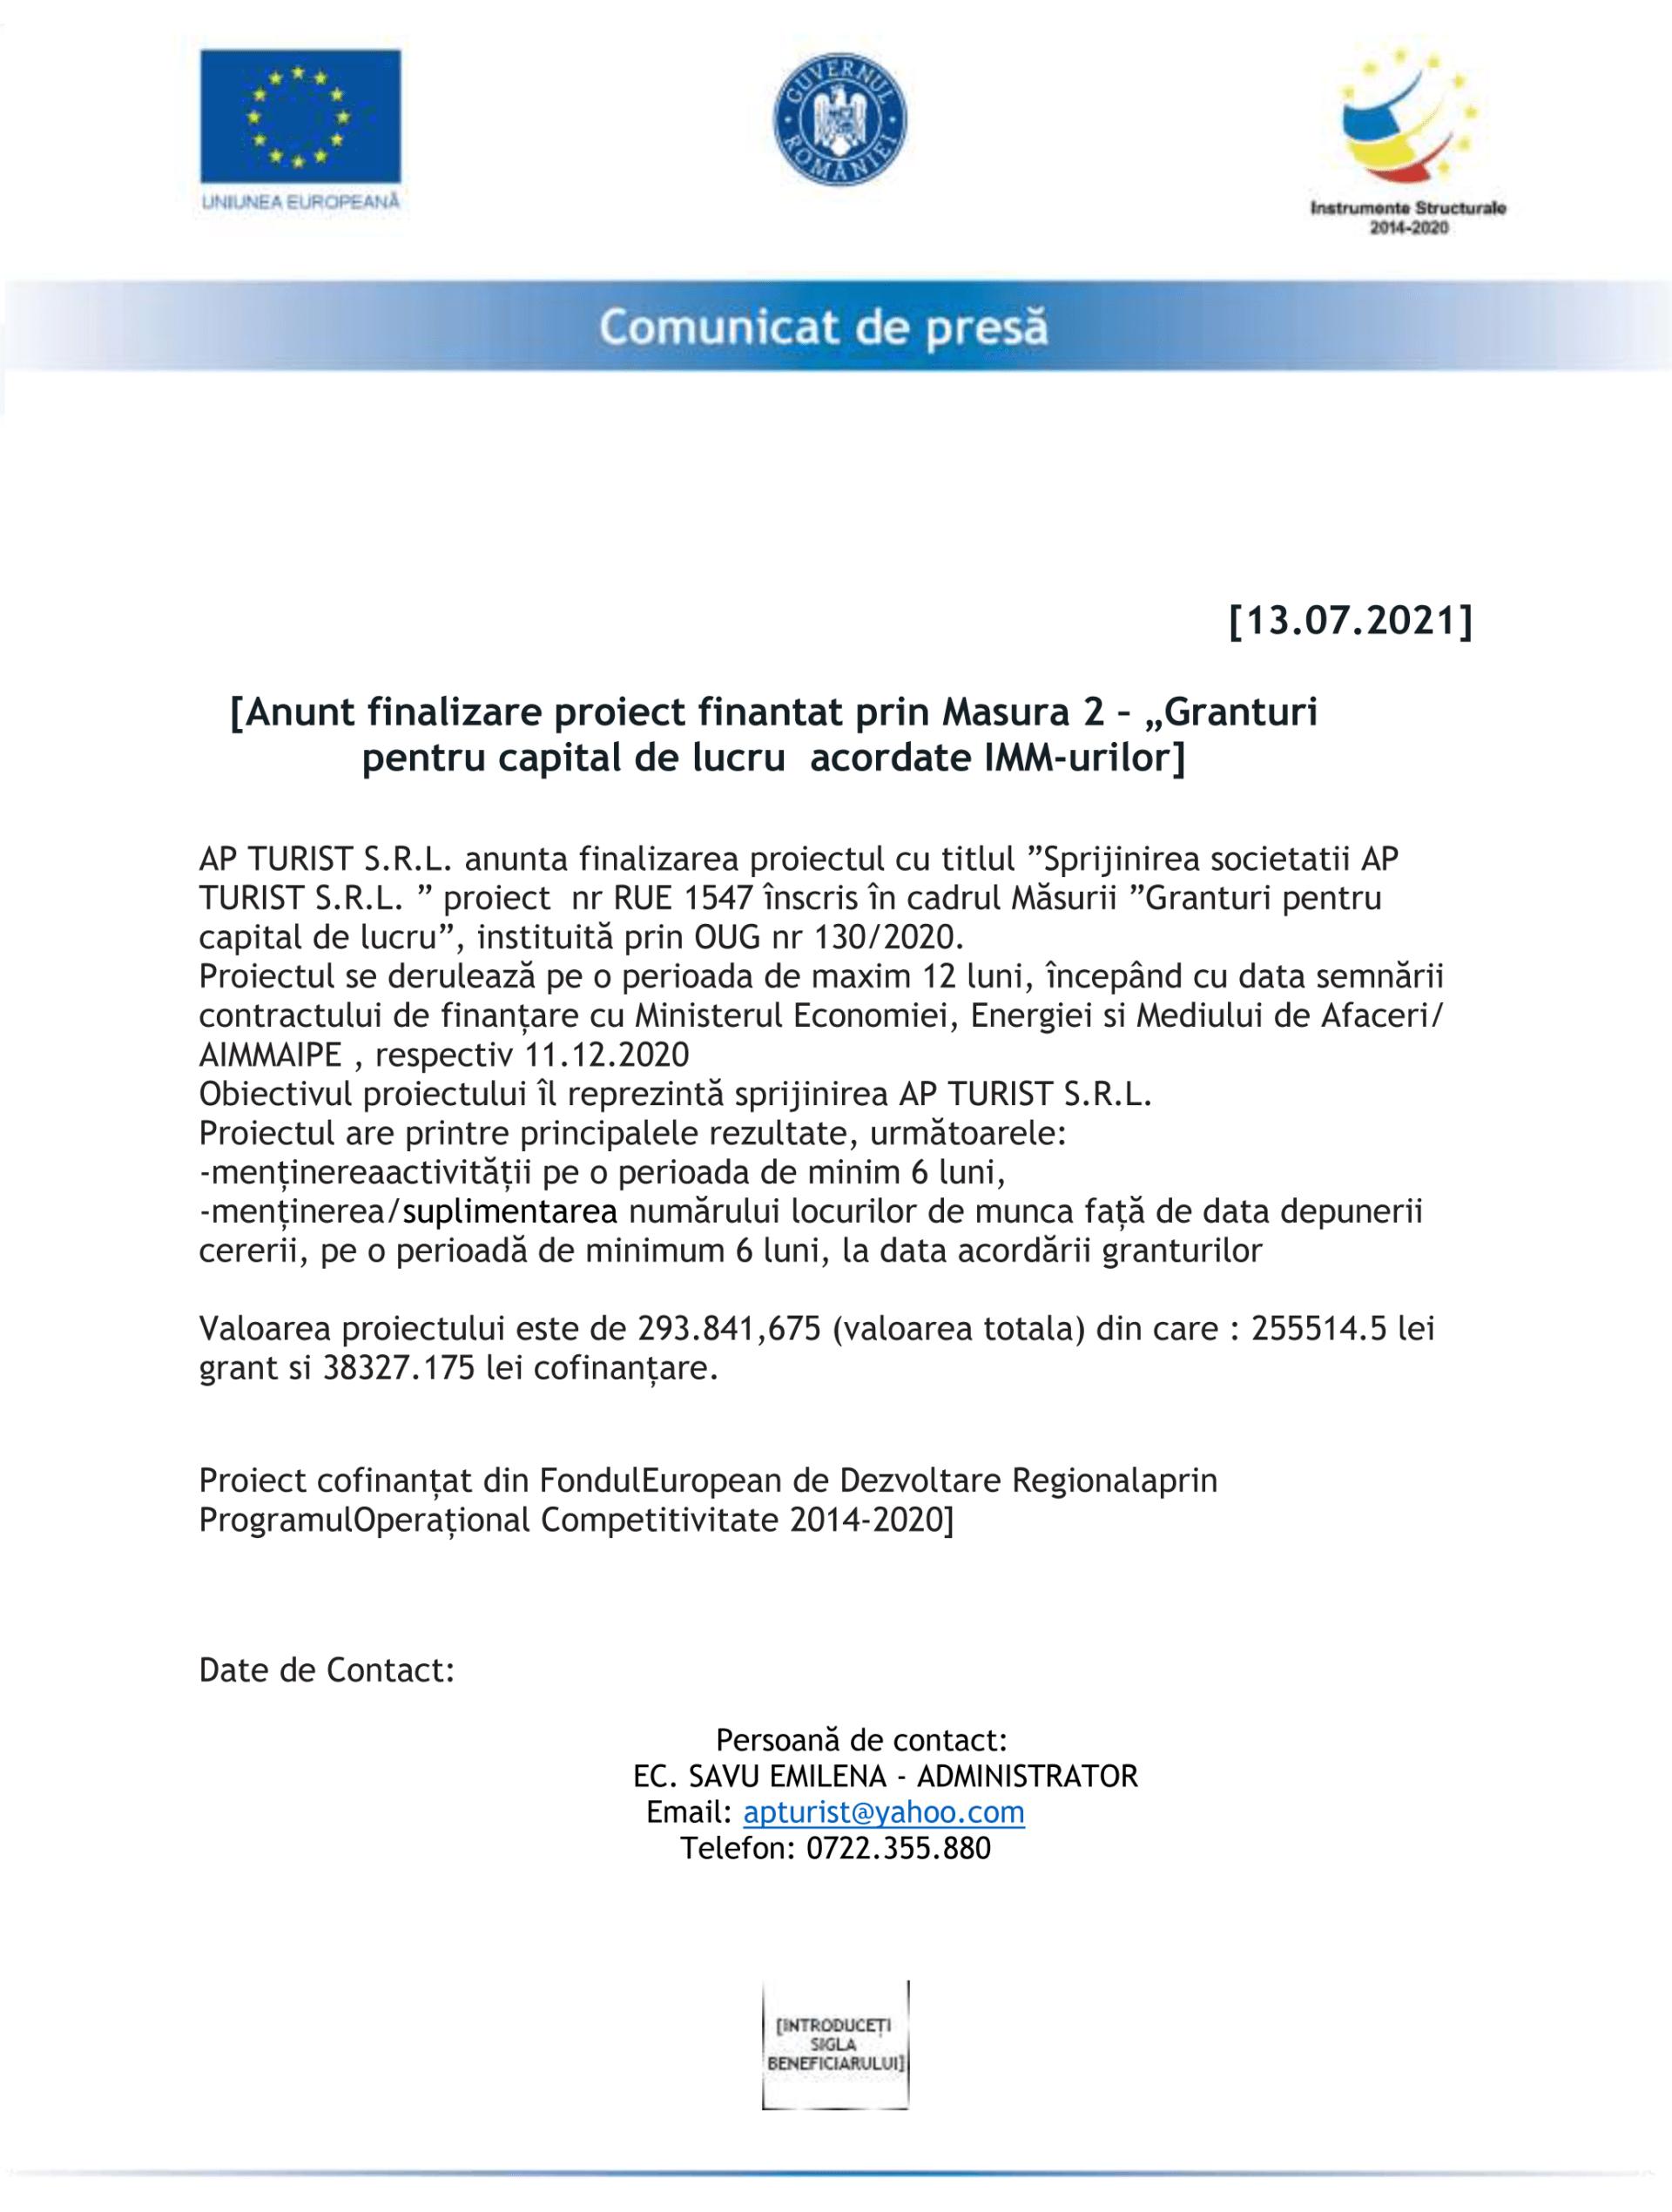 MODEL-Comunicat_de_Presa_benef-finali-AP-Turist